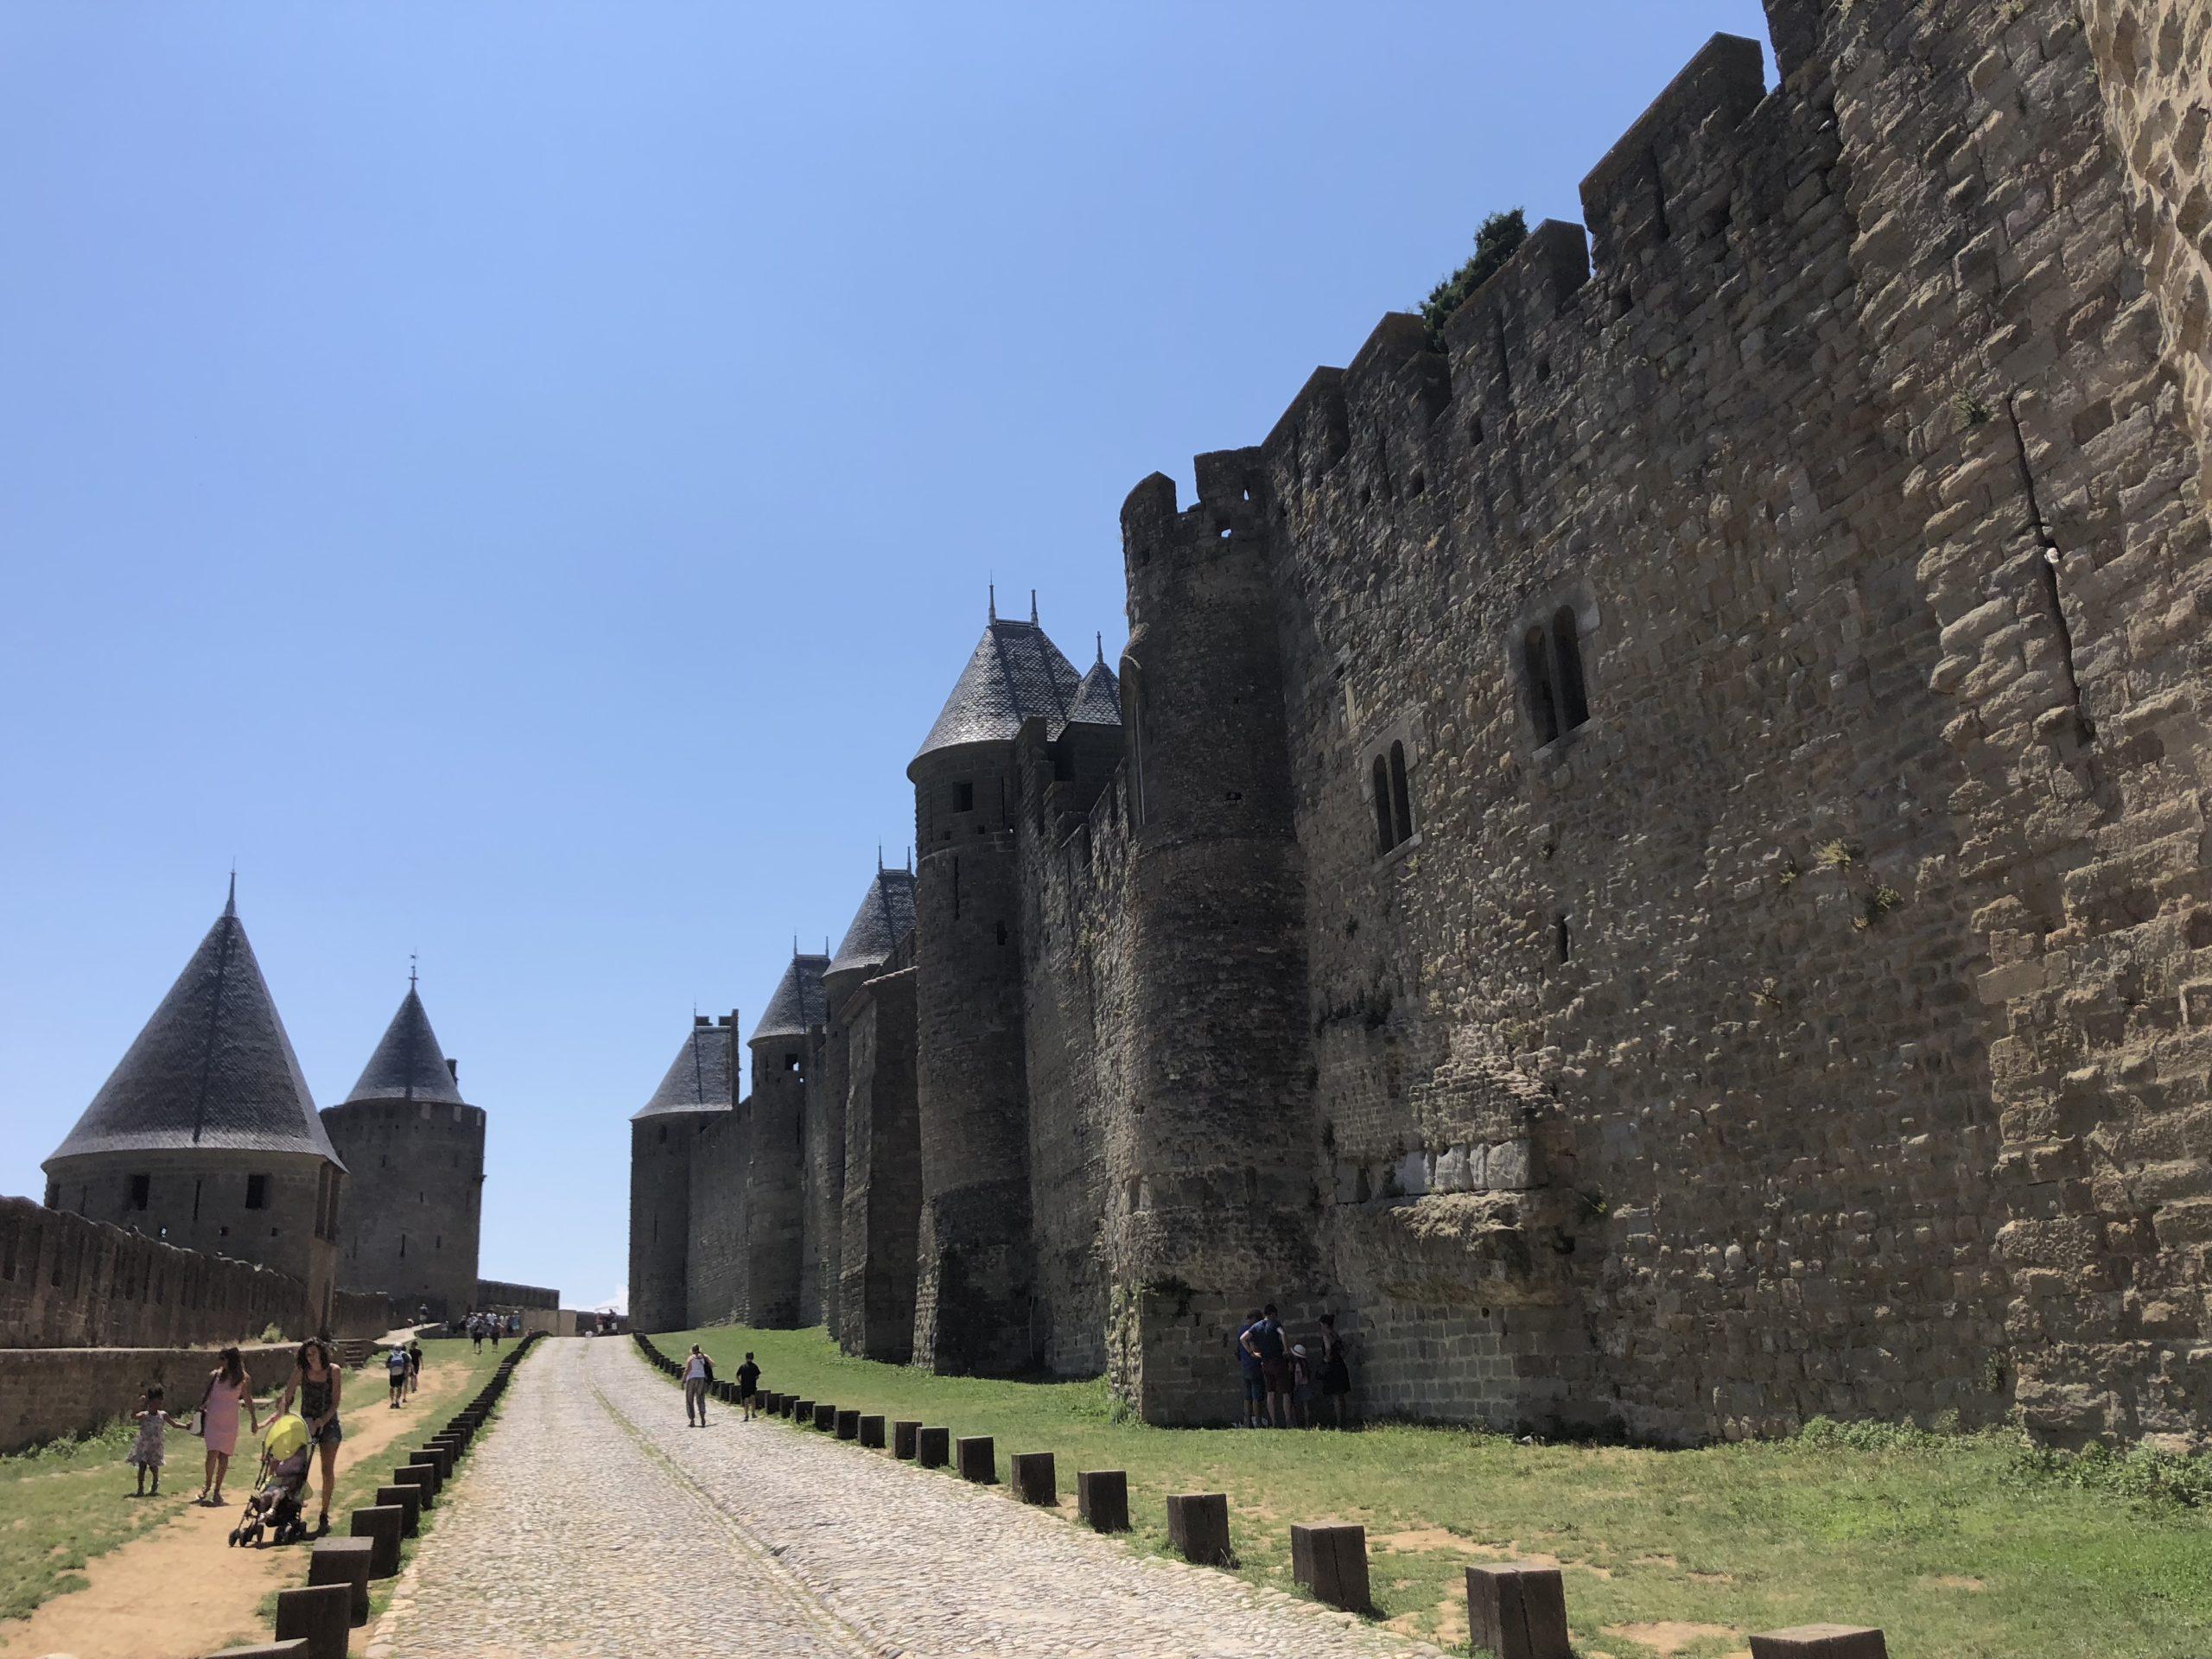 séjour autour de cité carcassonne